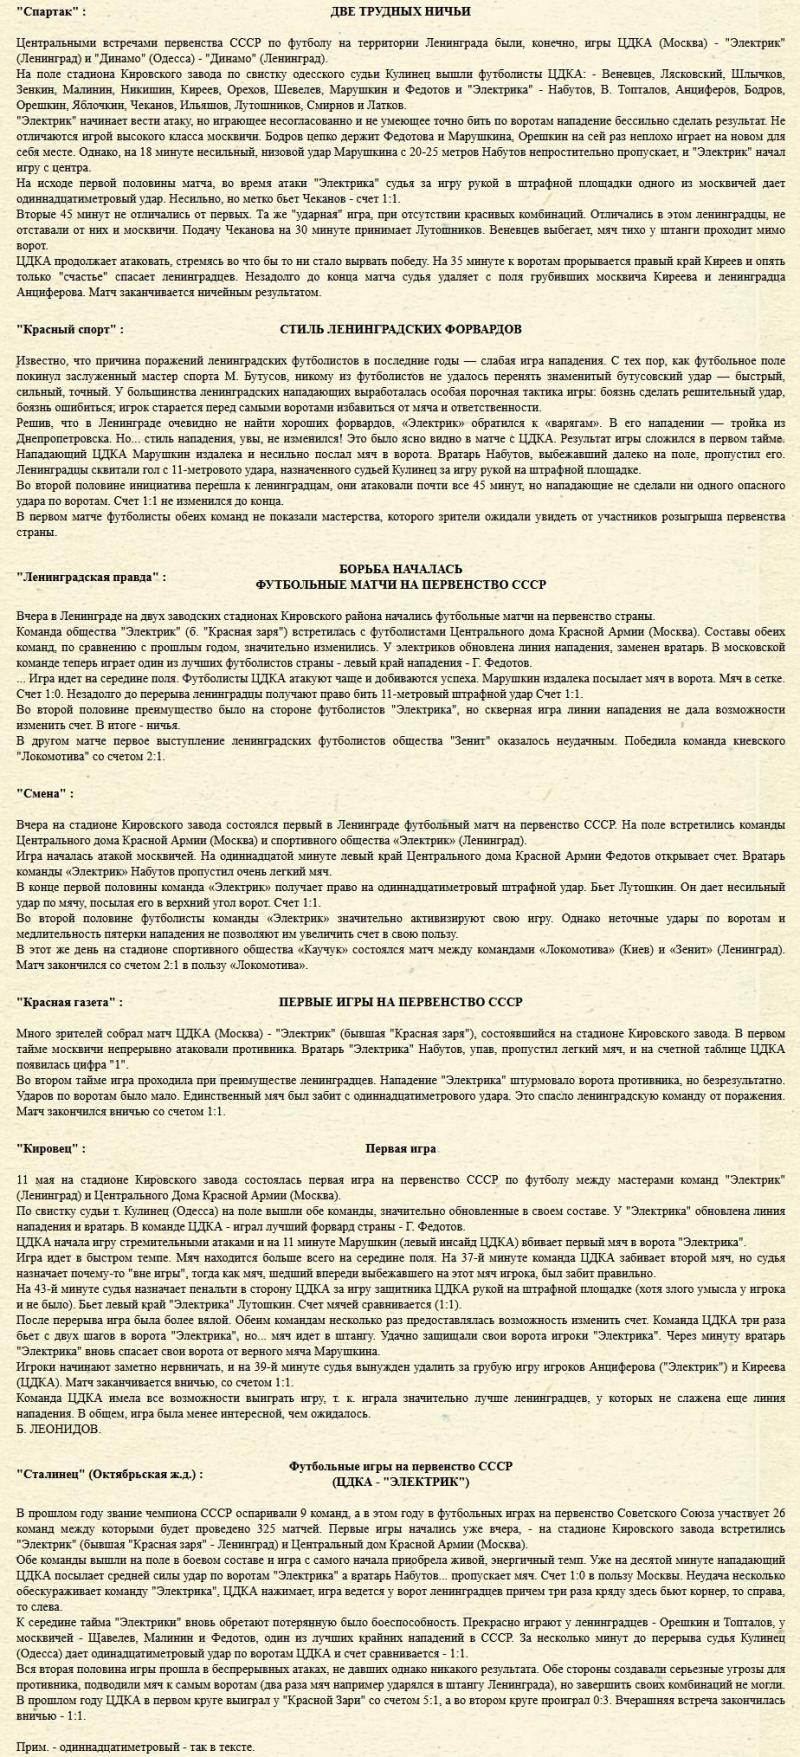 Электрик (Ленинград) - ЦДКА (Москва) 1:1. Нажмите, чтобы посмотреть истинный размер рисунка